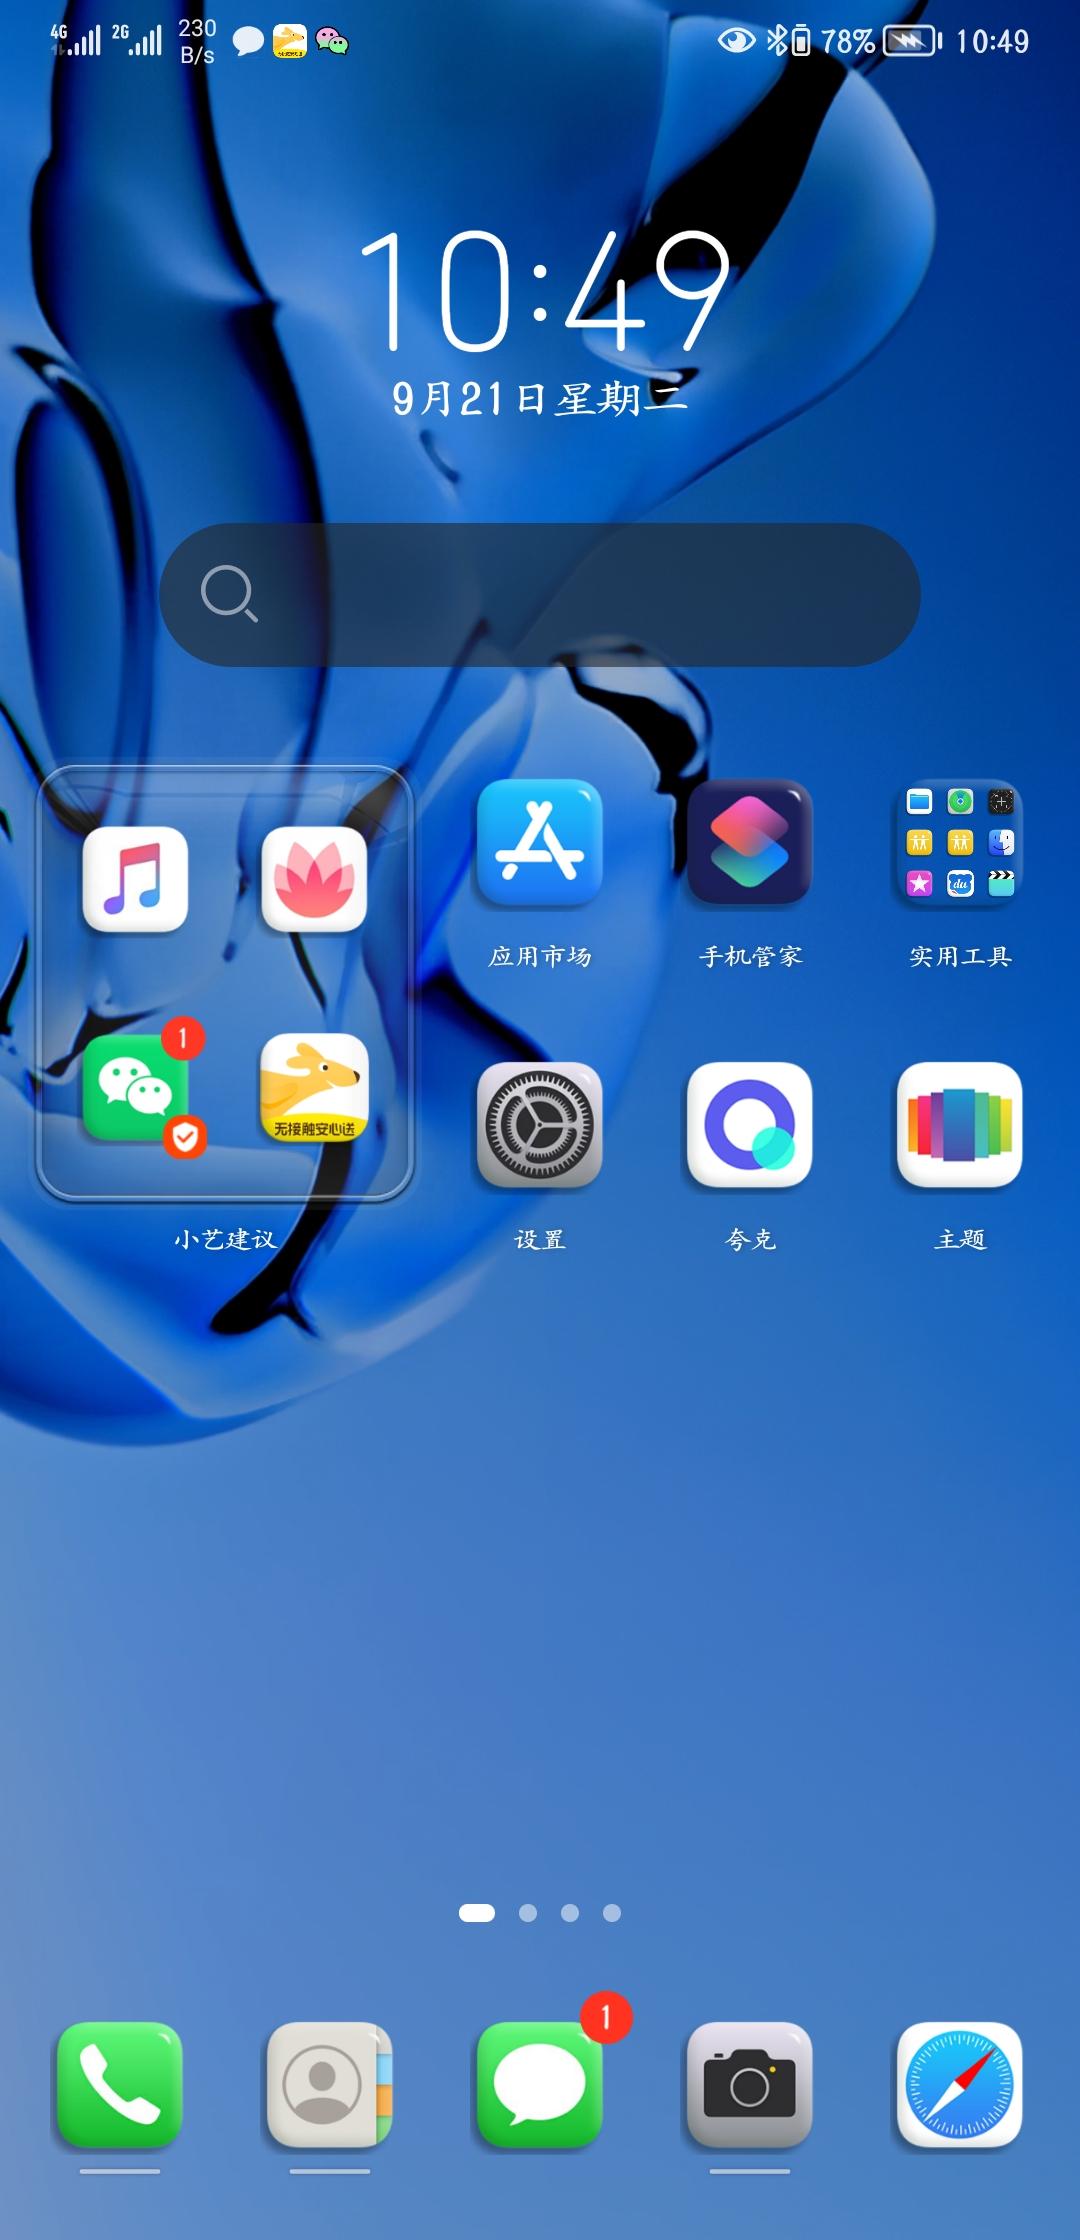 Screenshot_20210921_104950_com.huawei.android.launcher.jpg